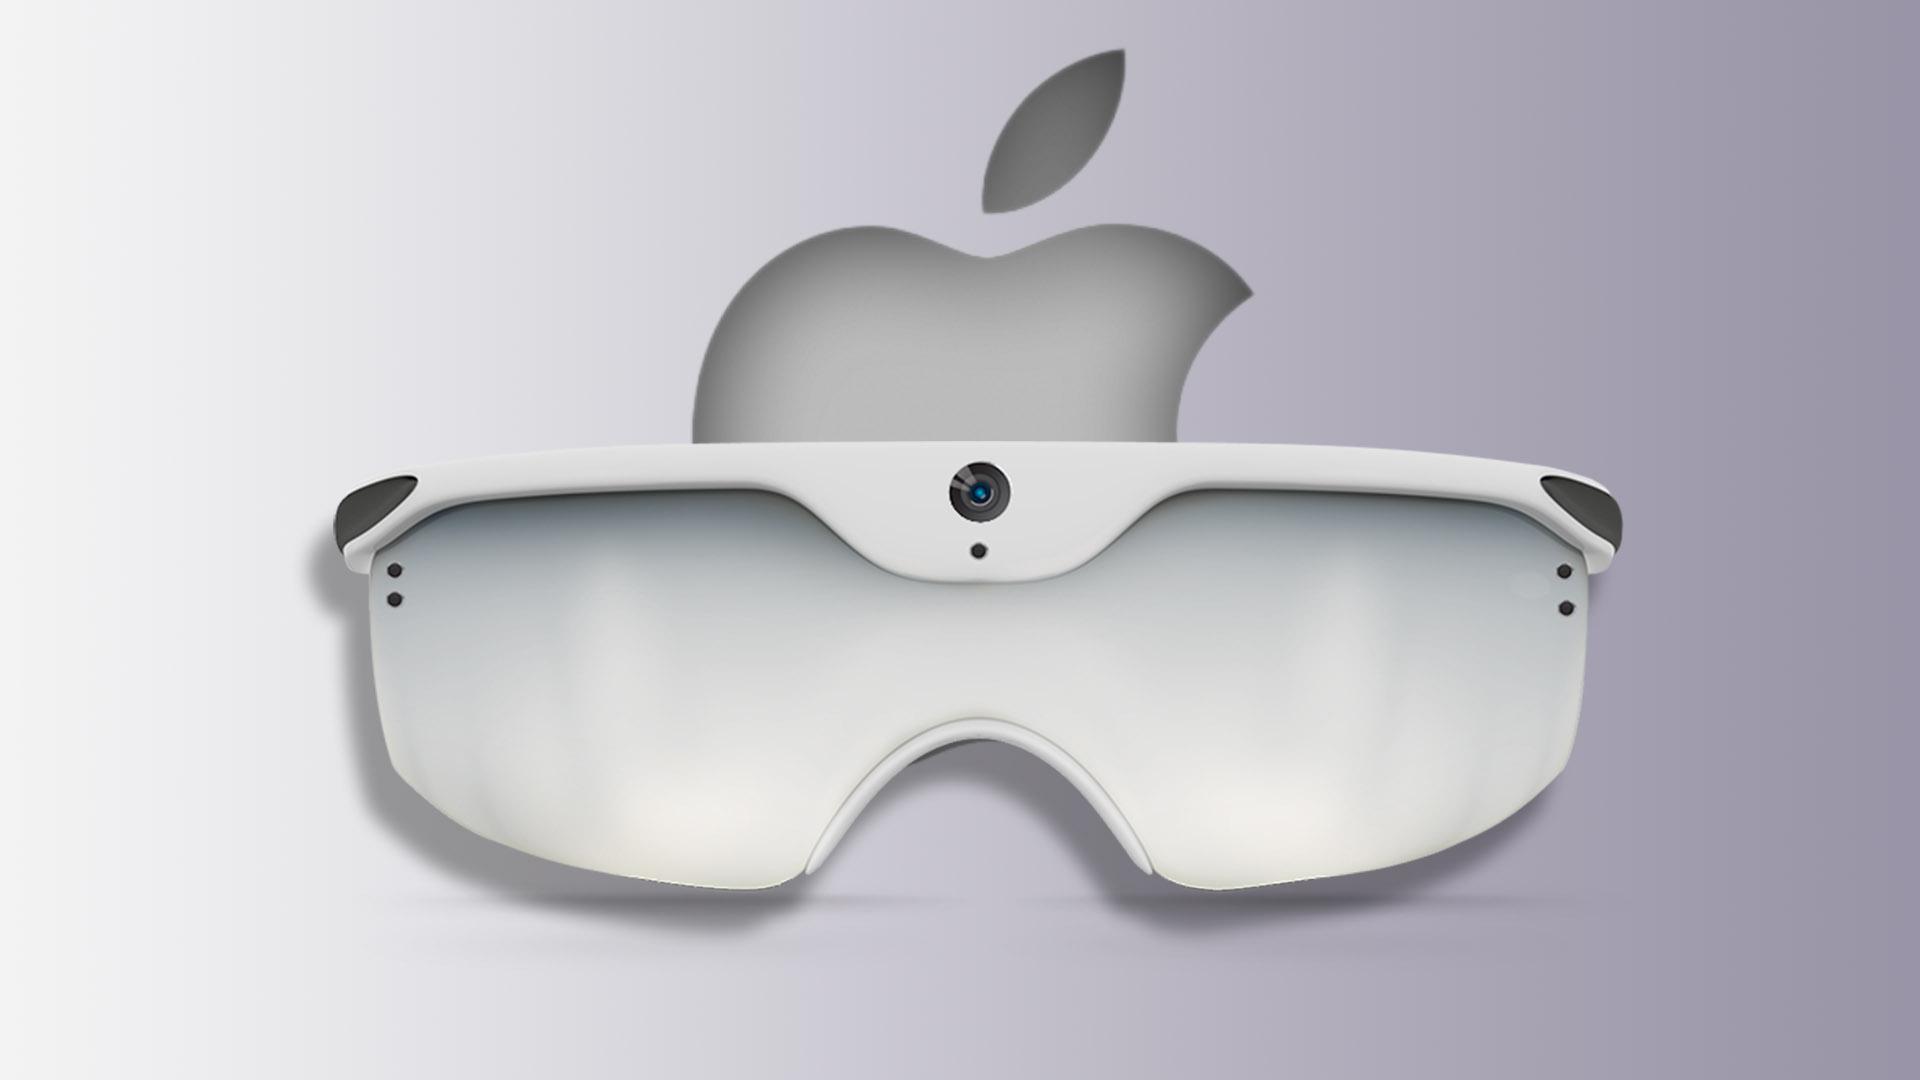 iOS 13 GM, iOS 13 1 Beta Reveal AR Headset Evidence That